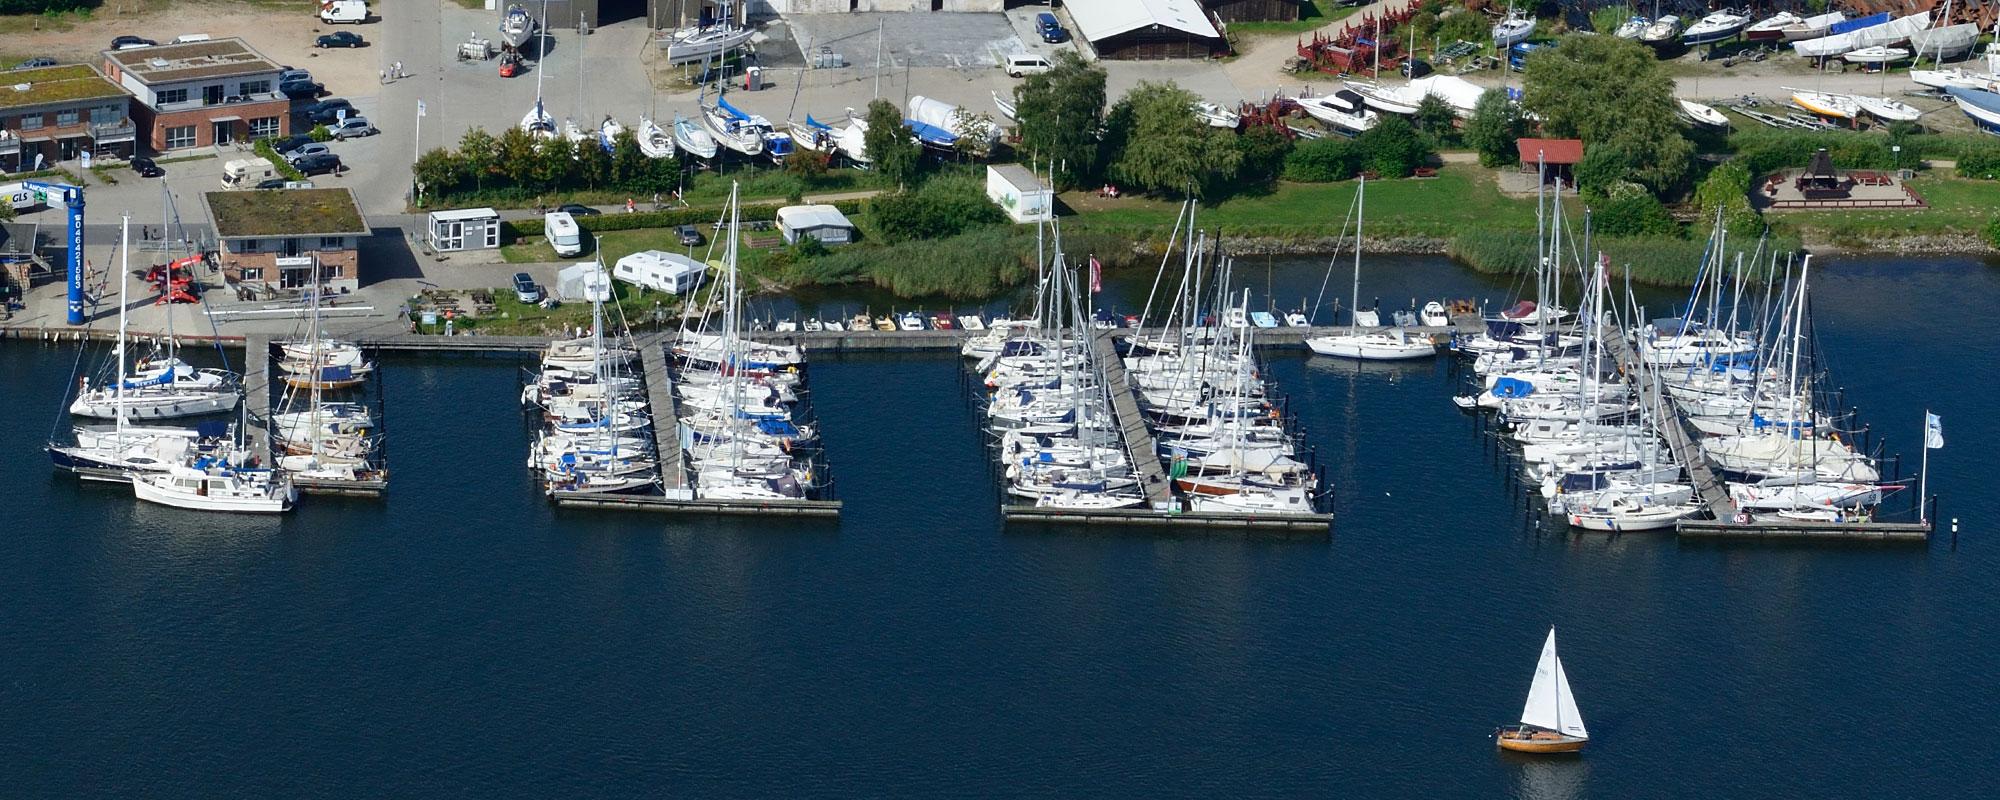 Ancker-Yachting | Kappeln a.d. Schlei